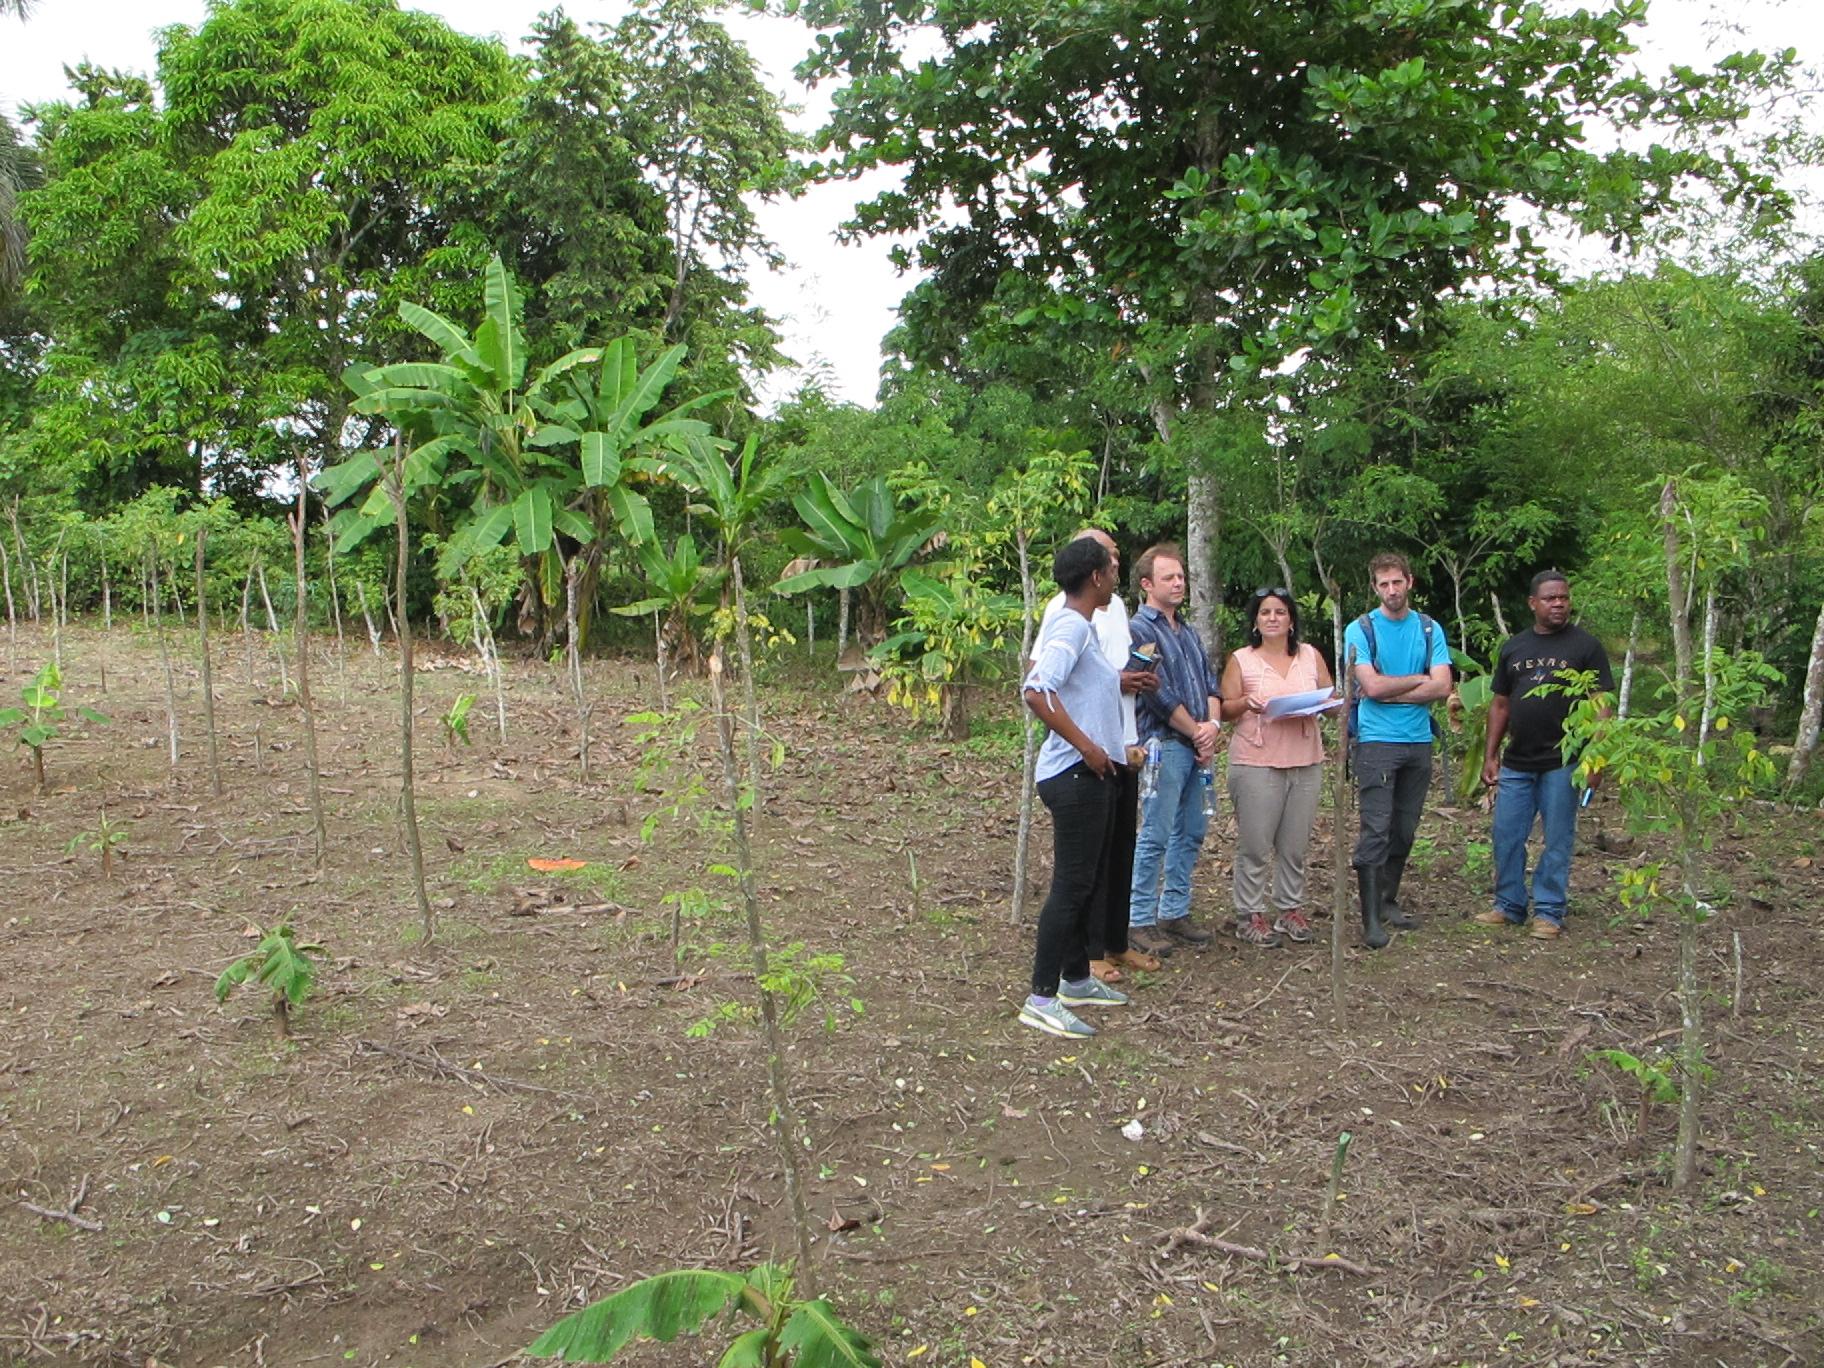 Visite d'une parcelle de 0,25 ha appartenant à un producteur de cacao dominicain partenaire du projet cacao Forest et volontaire pour participer au REP. Le modèle agroforestier n°3 est en train d'être installé sur cette parcelle. On peut y voir l'ombrage temporaire (bananier) et permanent (Glyricidia). Chaque modèle sera suivi pendant au moins 4 ans.